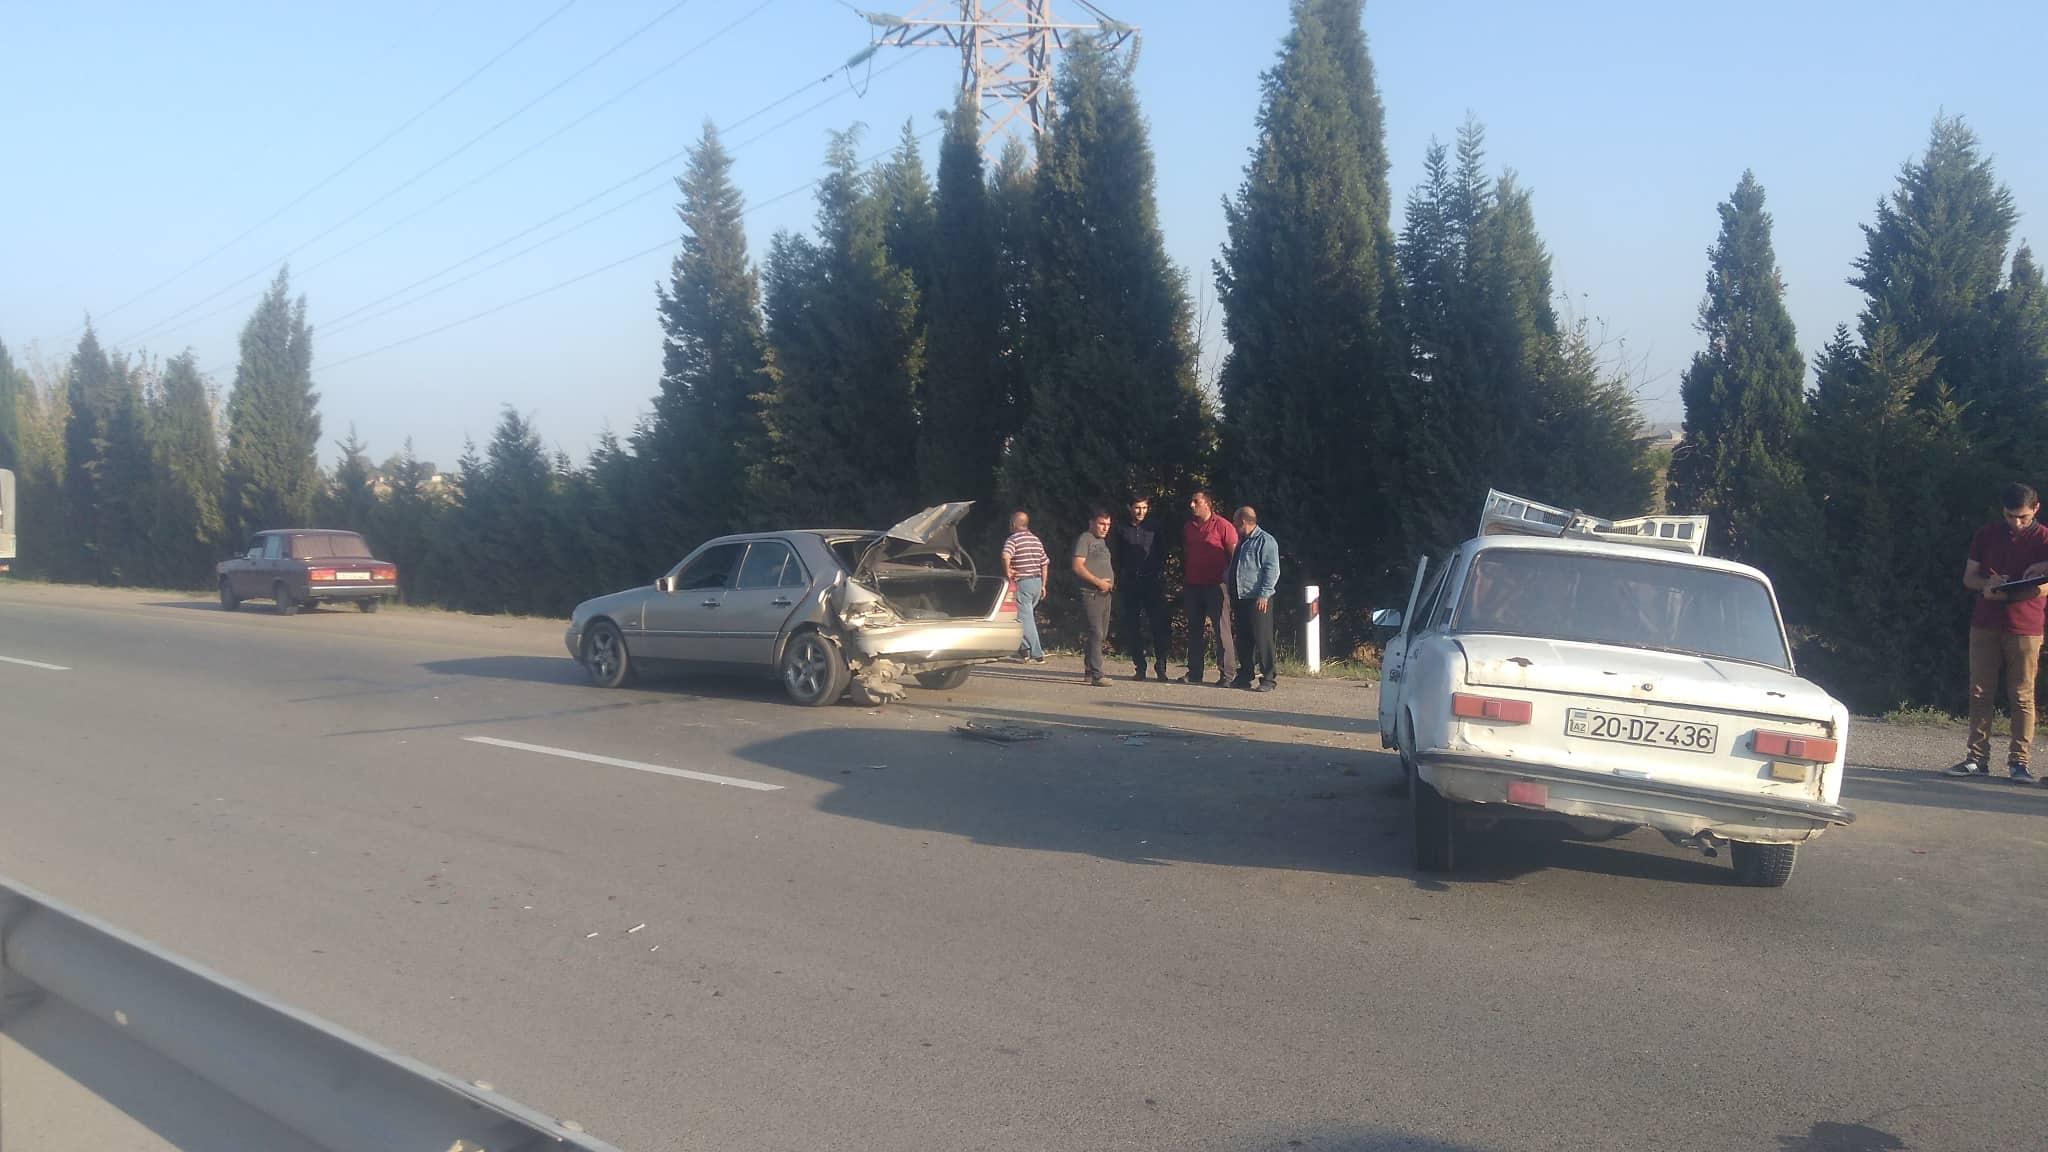 Gül almaq istəyən sürücü qəzaya uğradı - Qadın yaralandı - FOTO